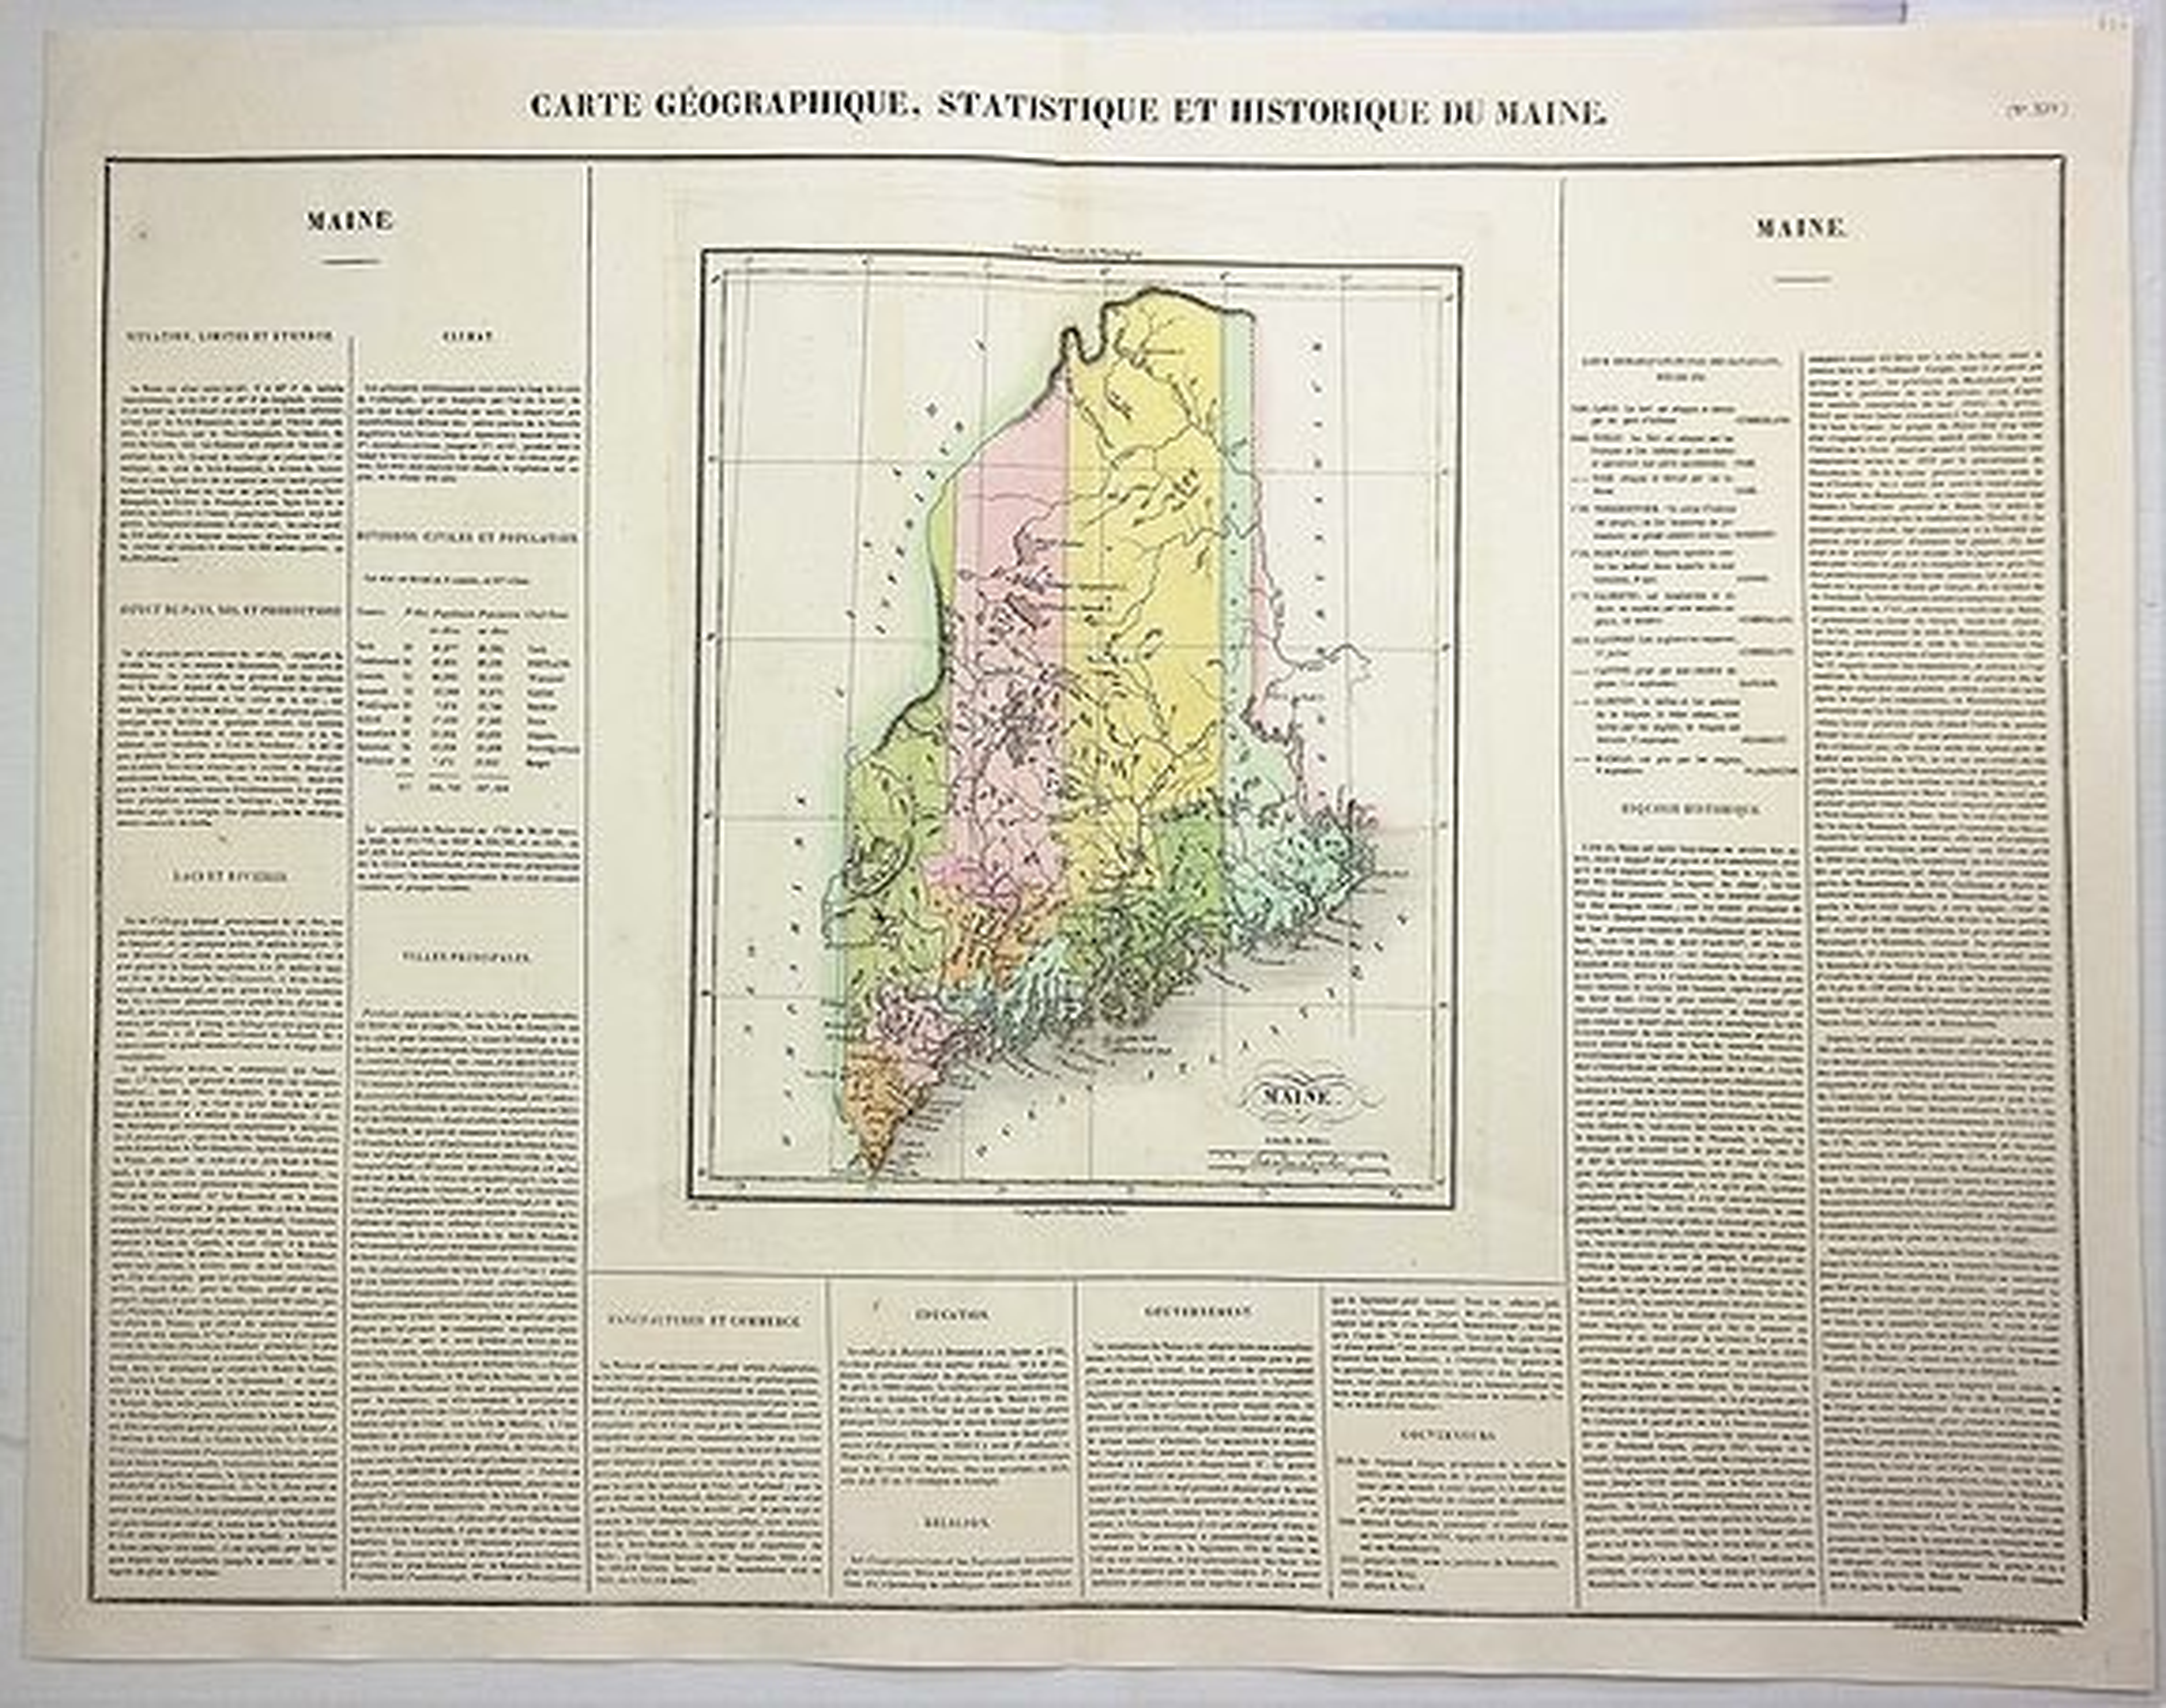 BUCHON, J. - Carte Geographique, Statistique et Historique du Maine.